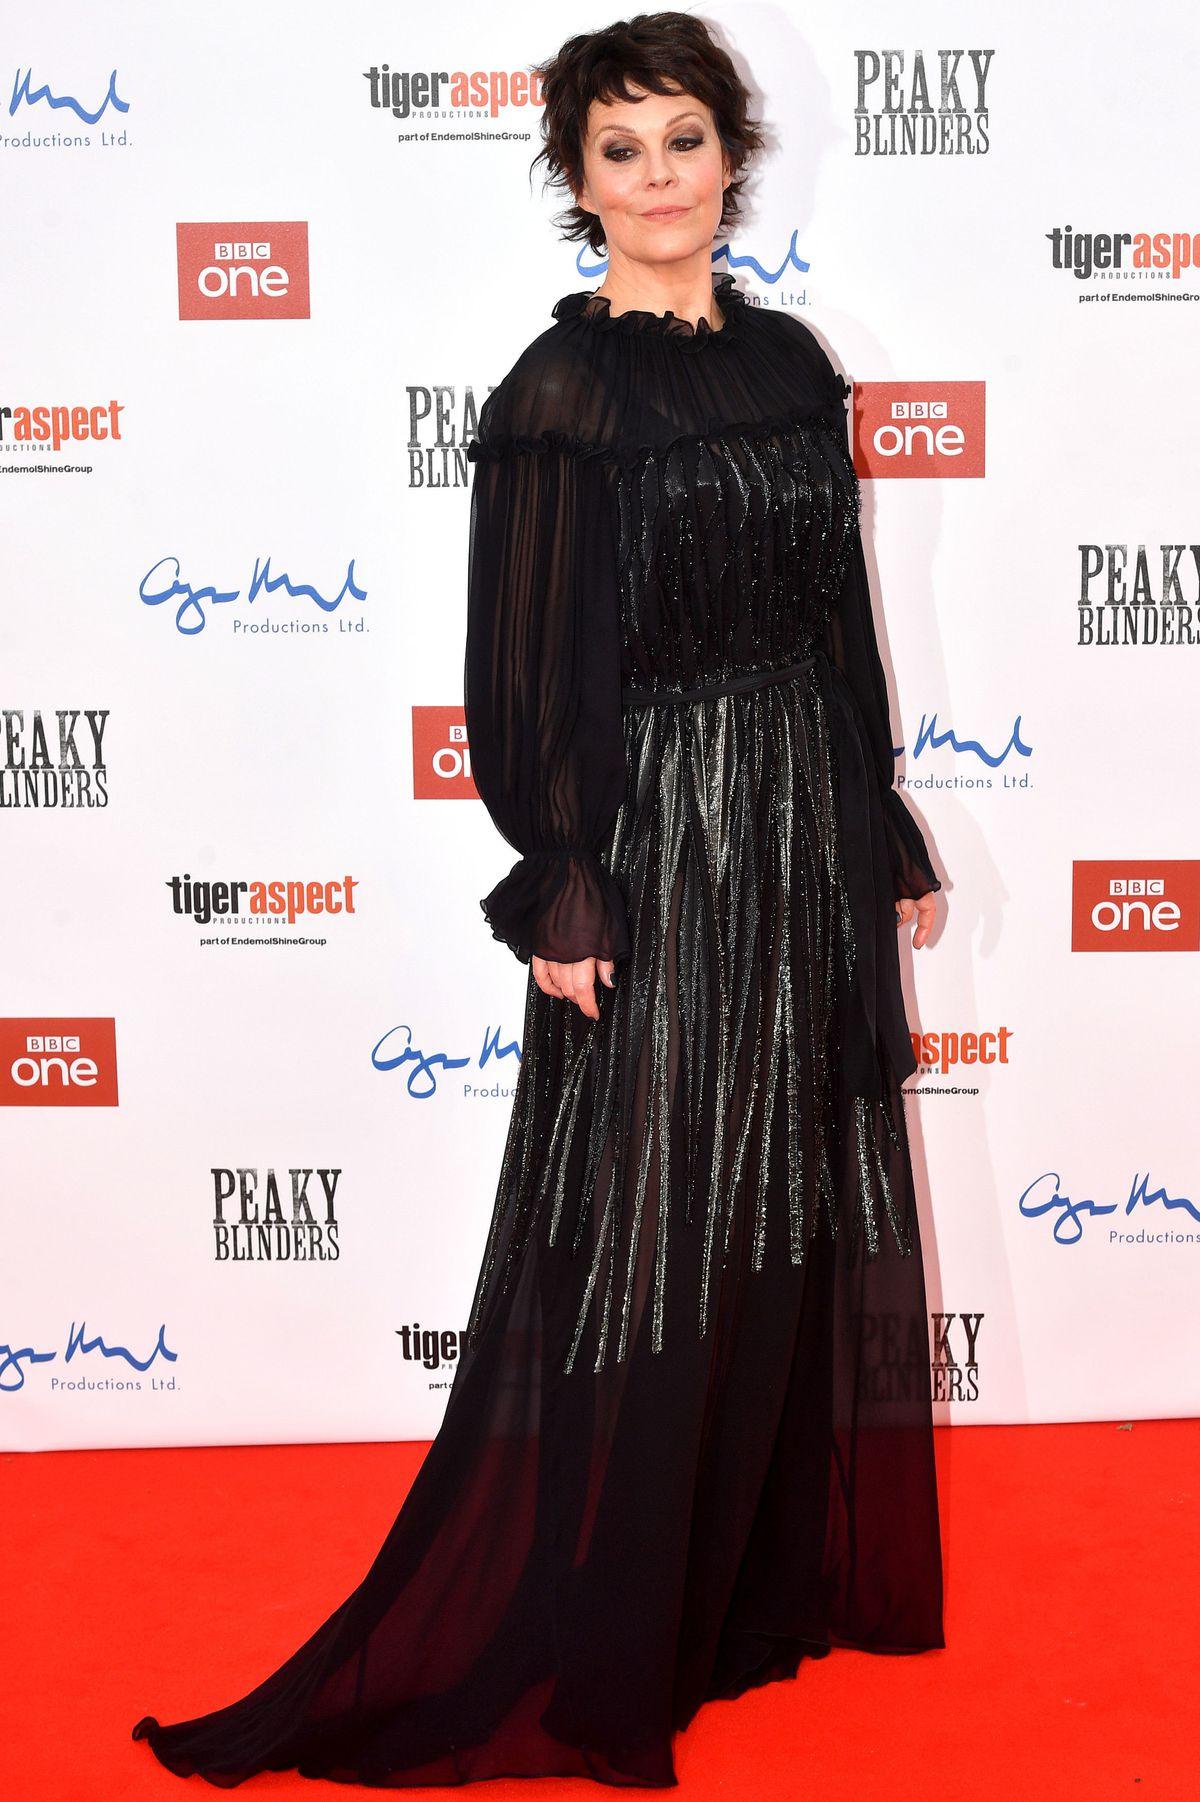 Helen McCrory attending the Peaky Blinders Series Five World Premiere held at Birmingham Town Hall